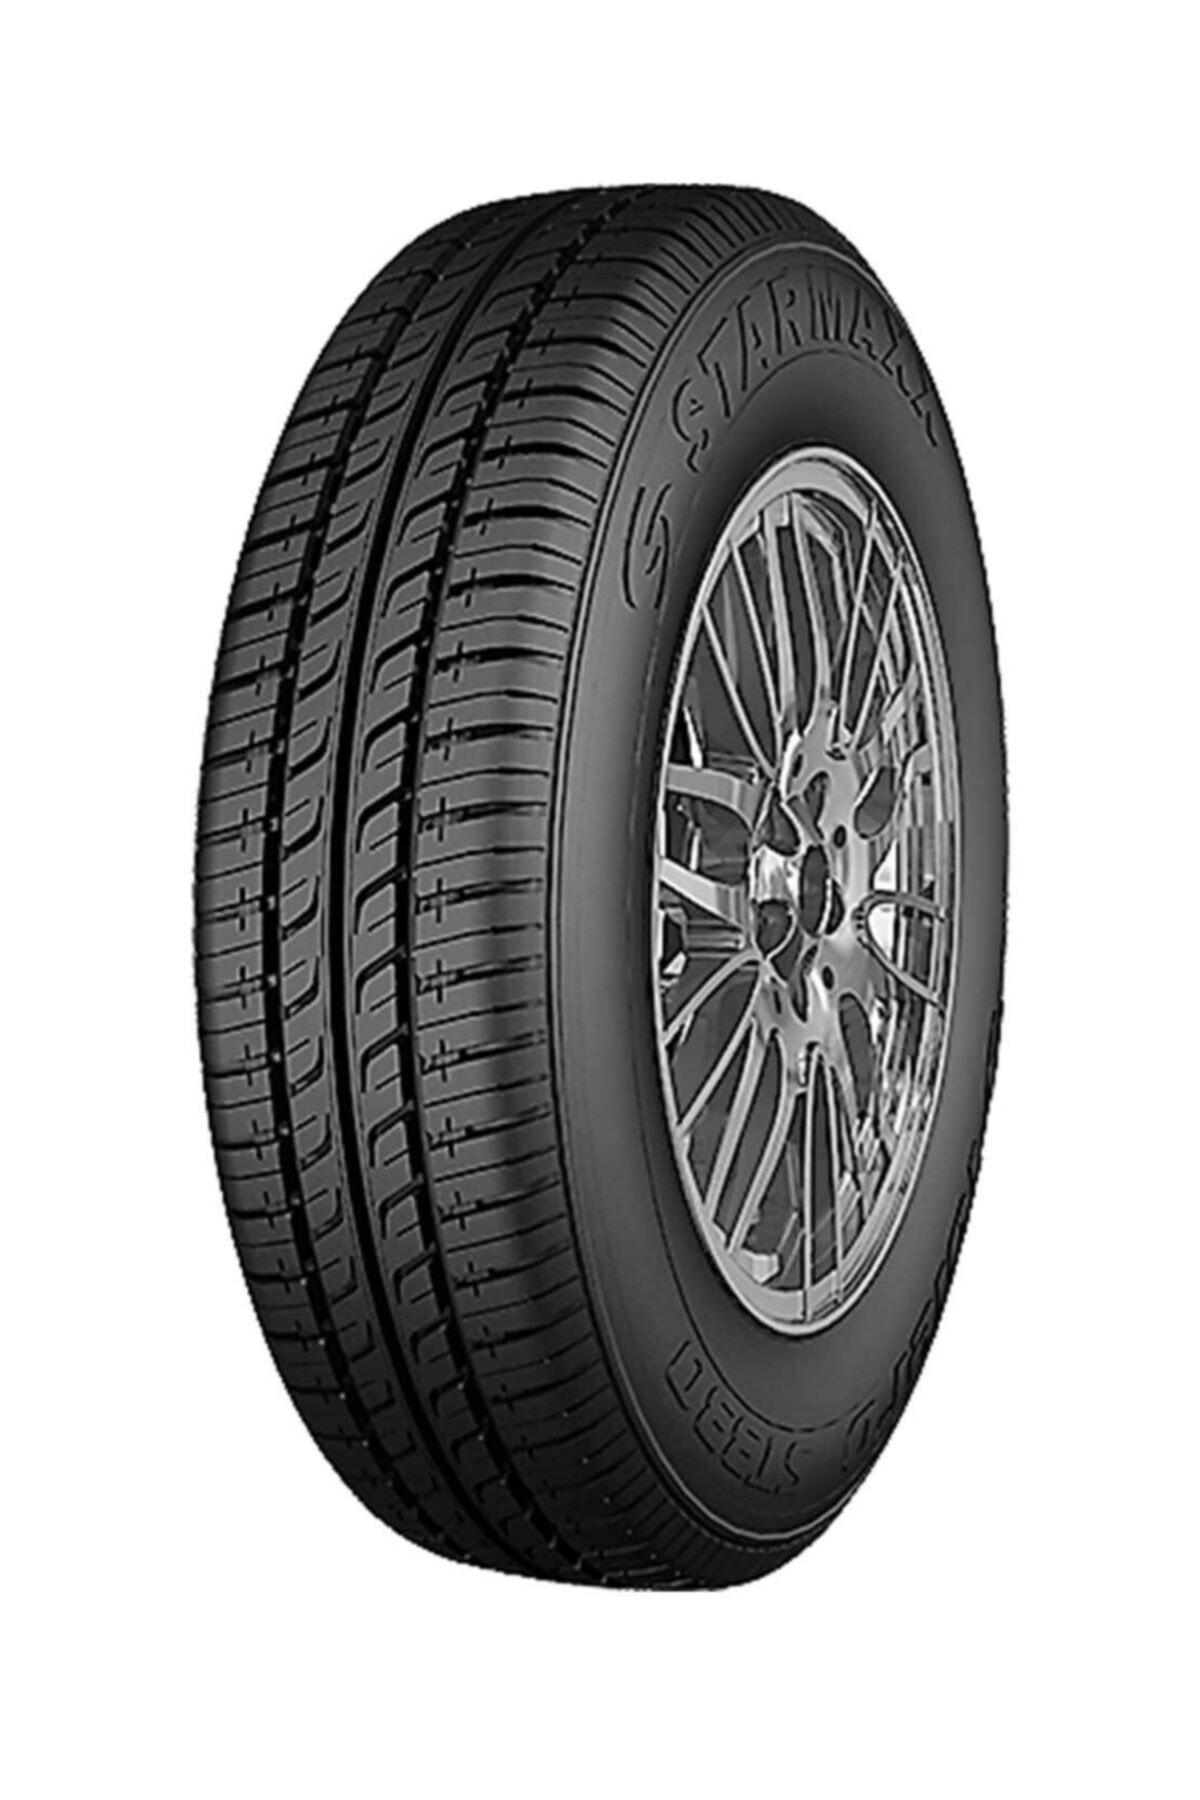 X 175/70r13 Tl 82t Tolero St330 2021 Üretim*